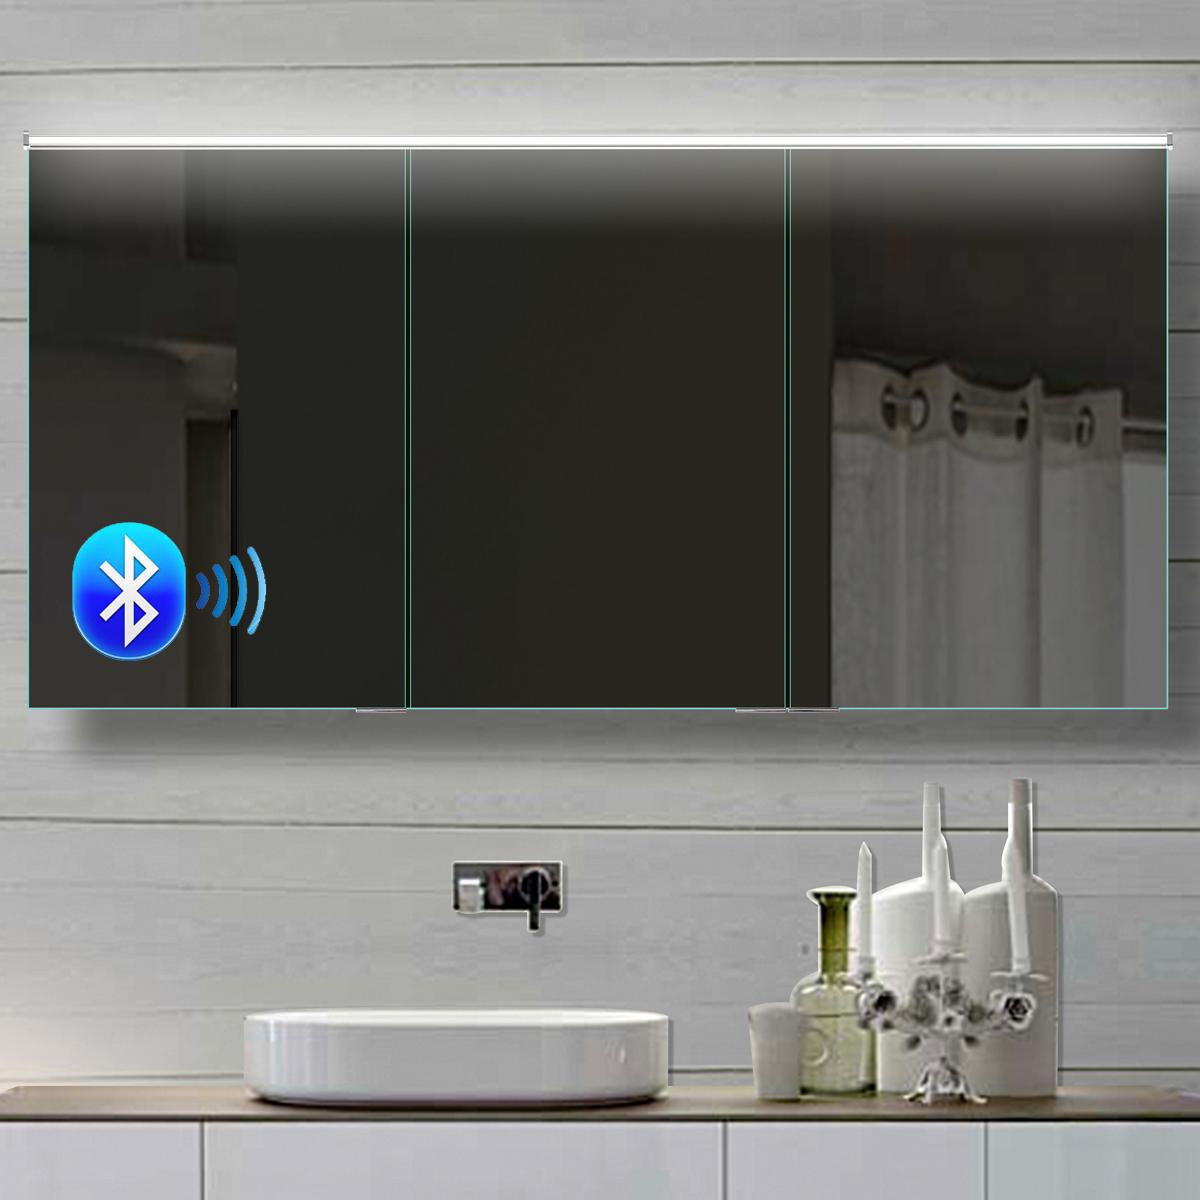 Alu Badezimmer spiegelschrank LED und Bluetooth Lautsprecher 17x17cm  BHC17H17